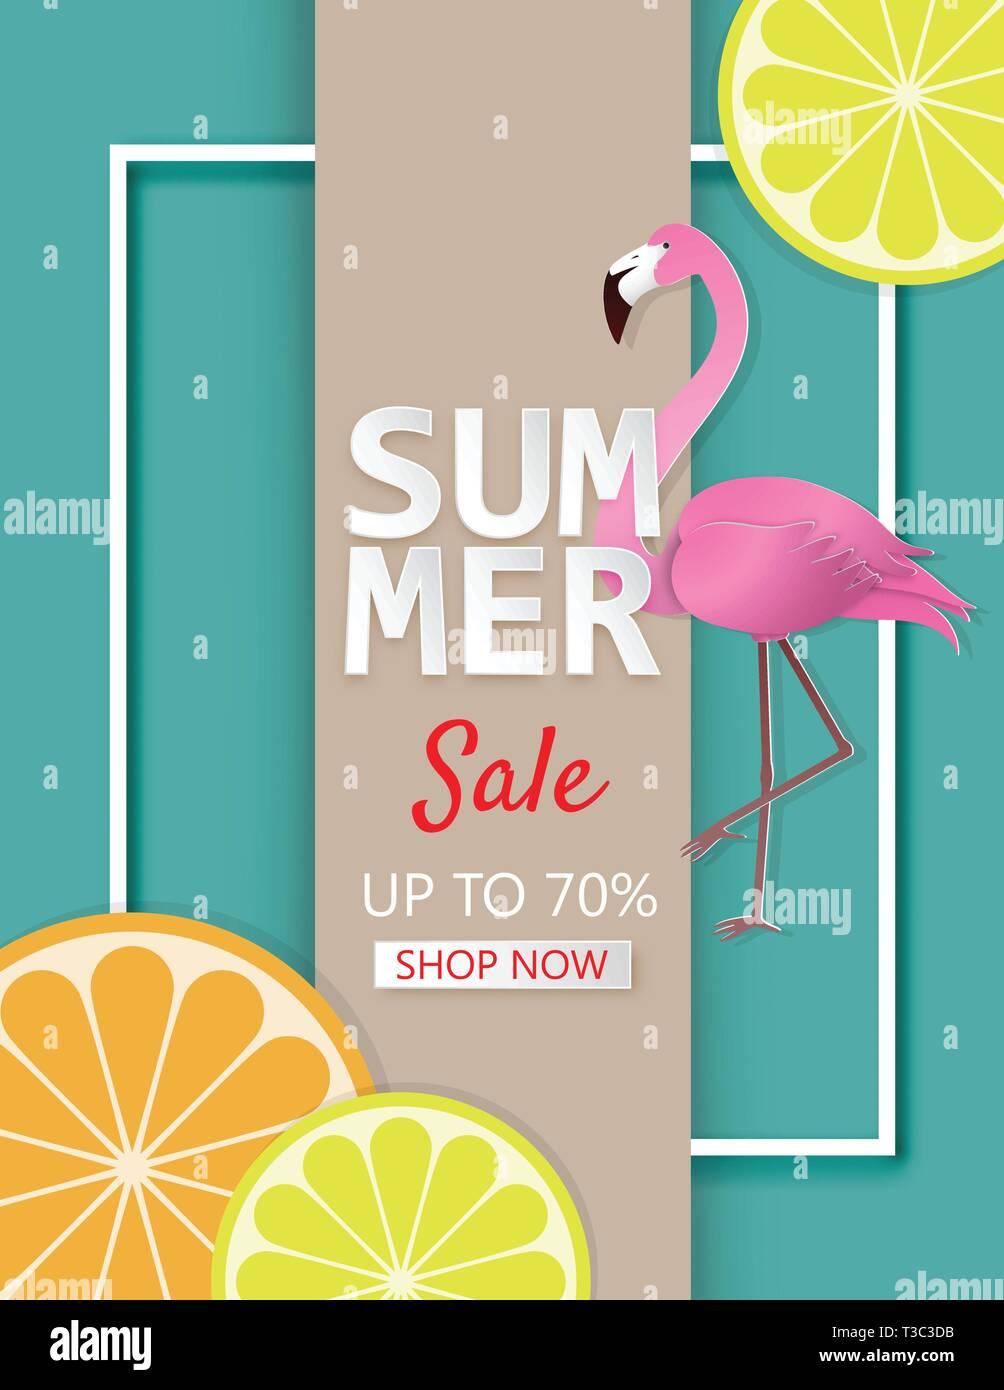 Creative illustration summer sale banner with lemon, orange